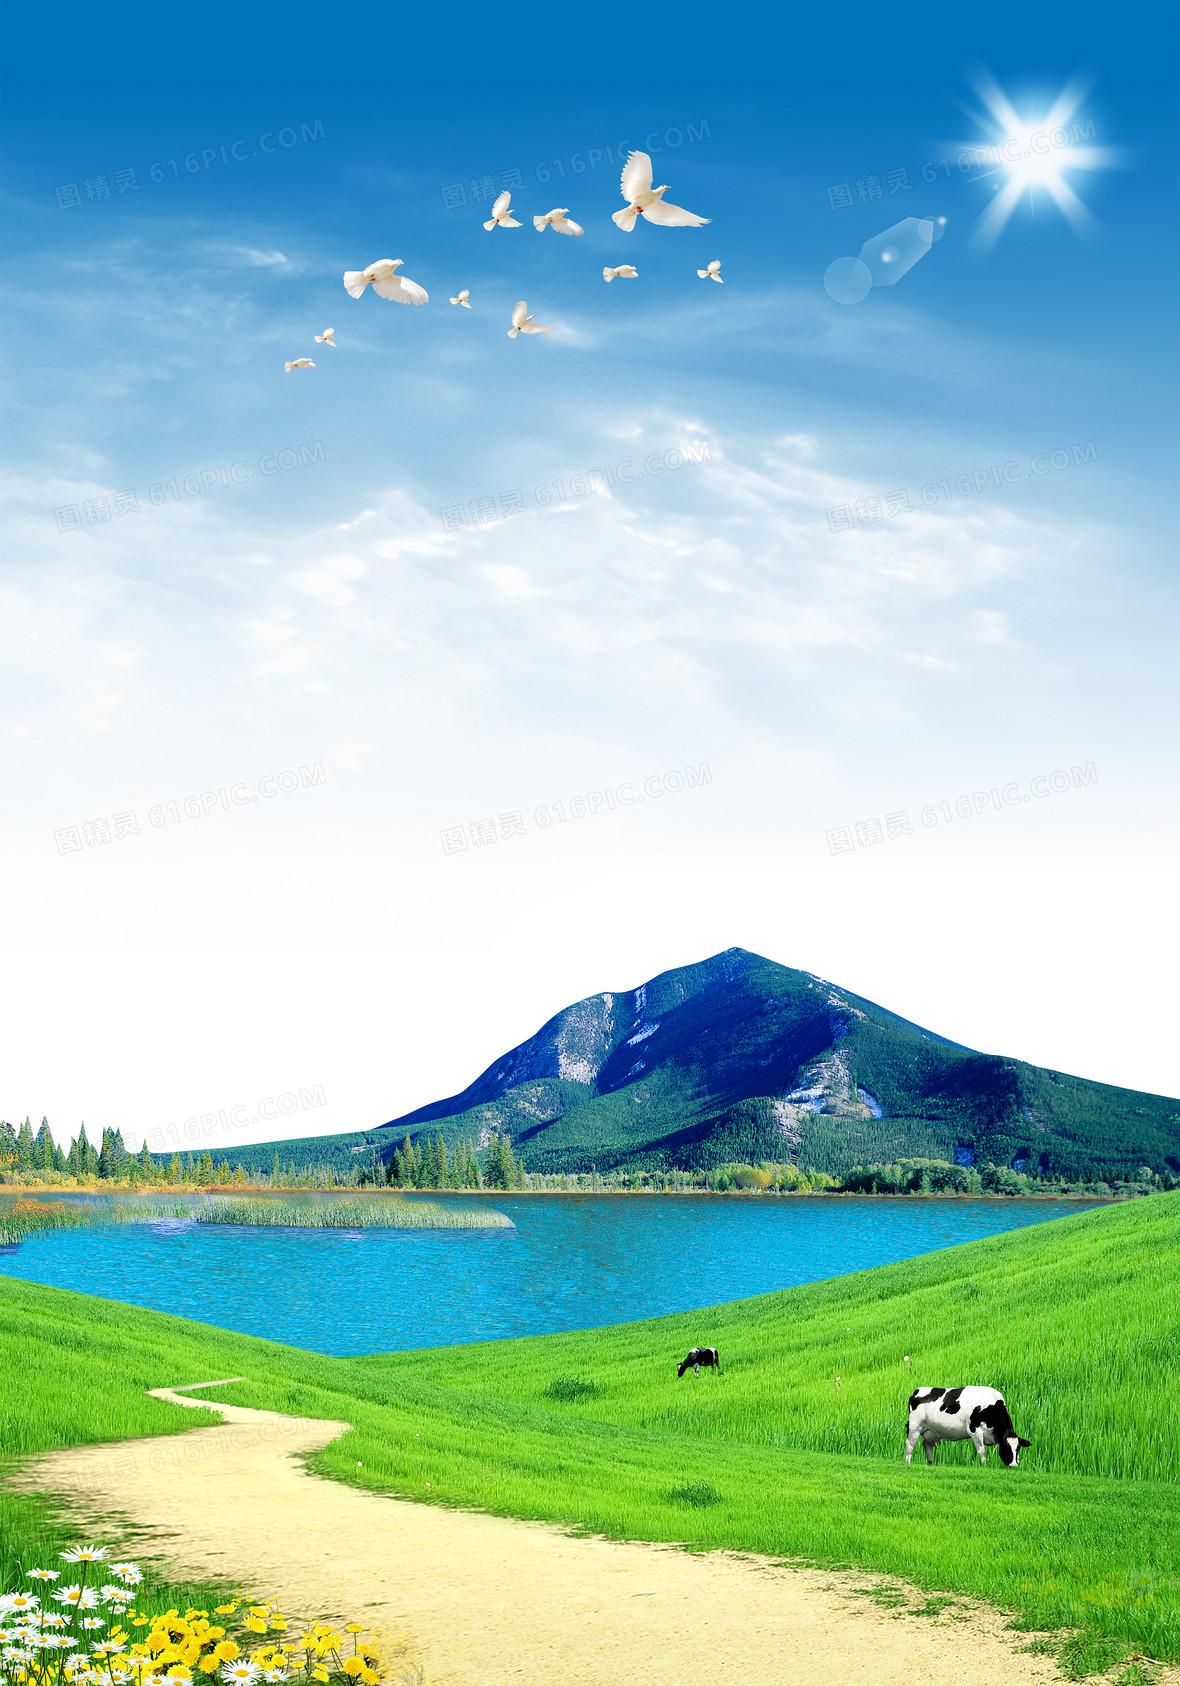 春季自然风景海报背景素材